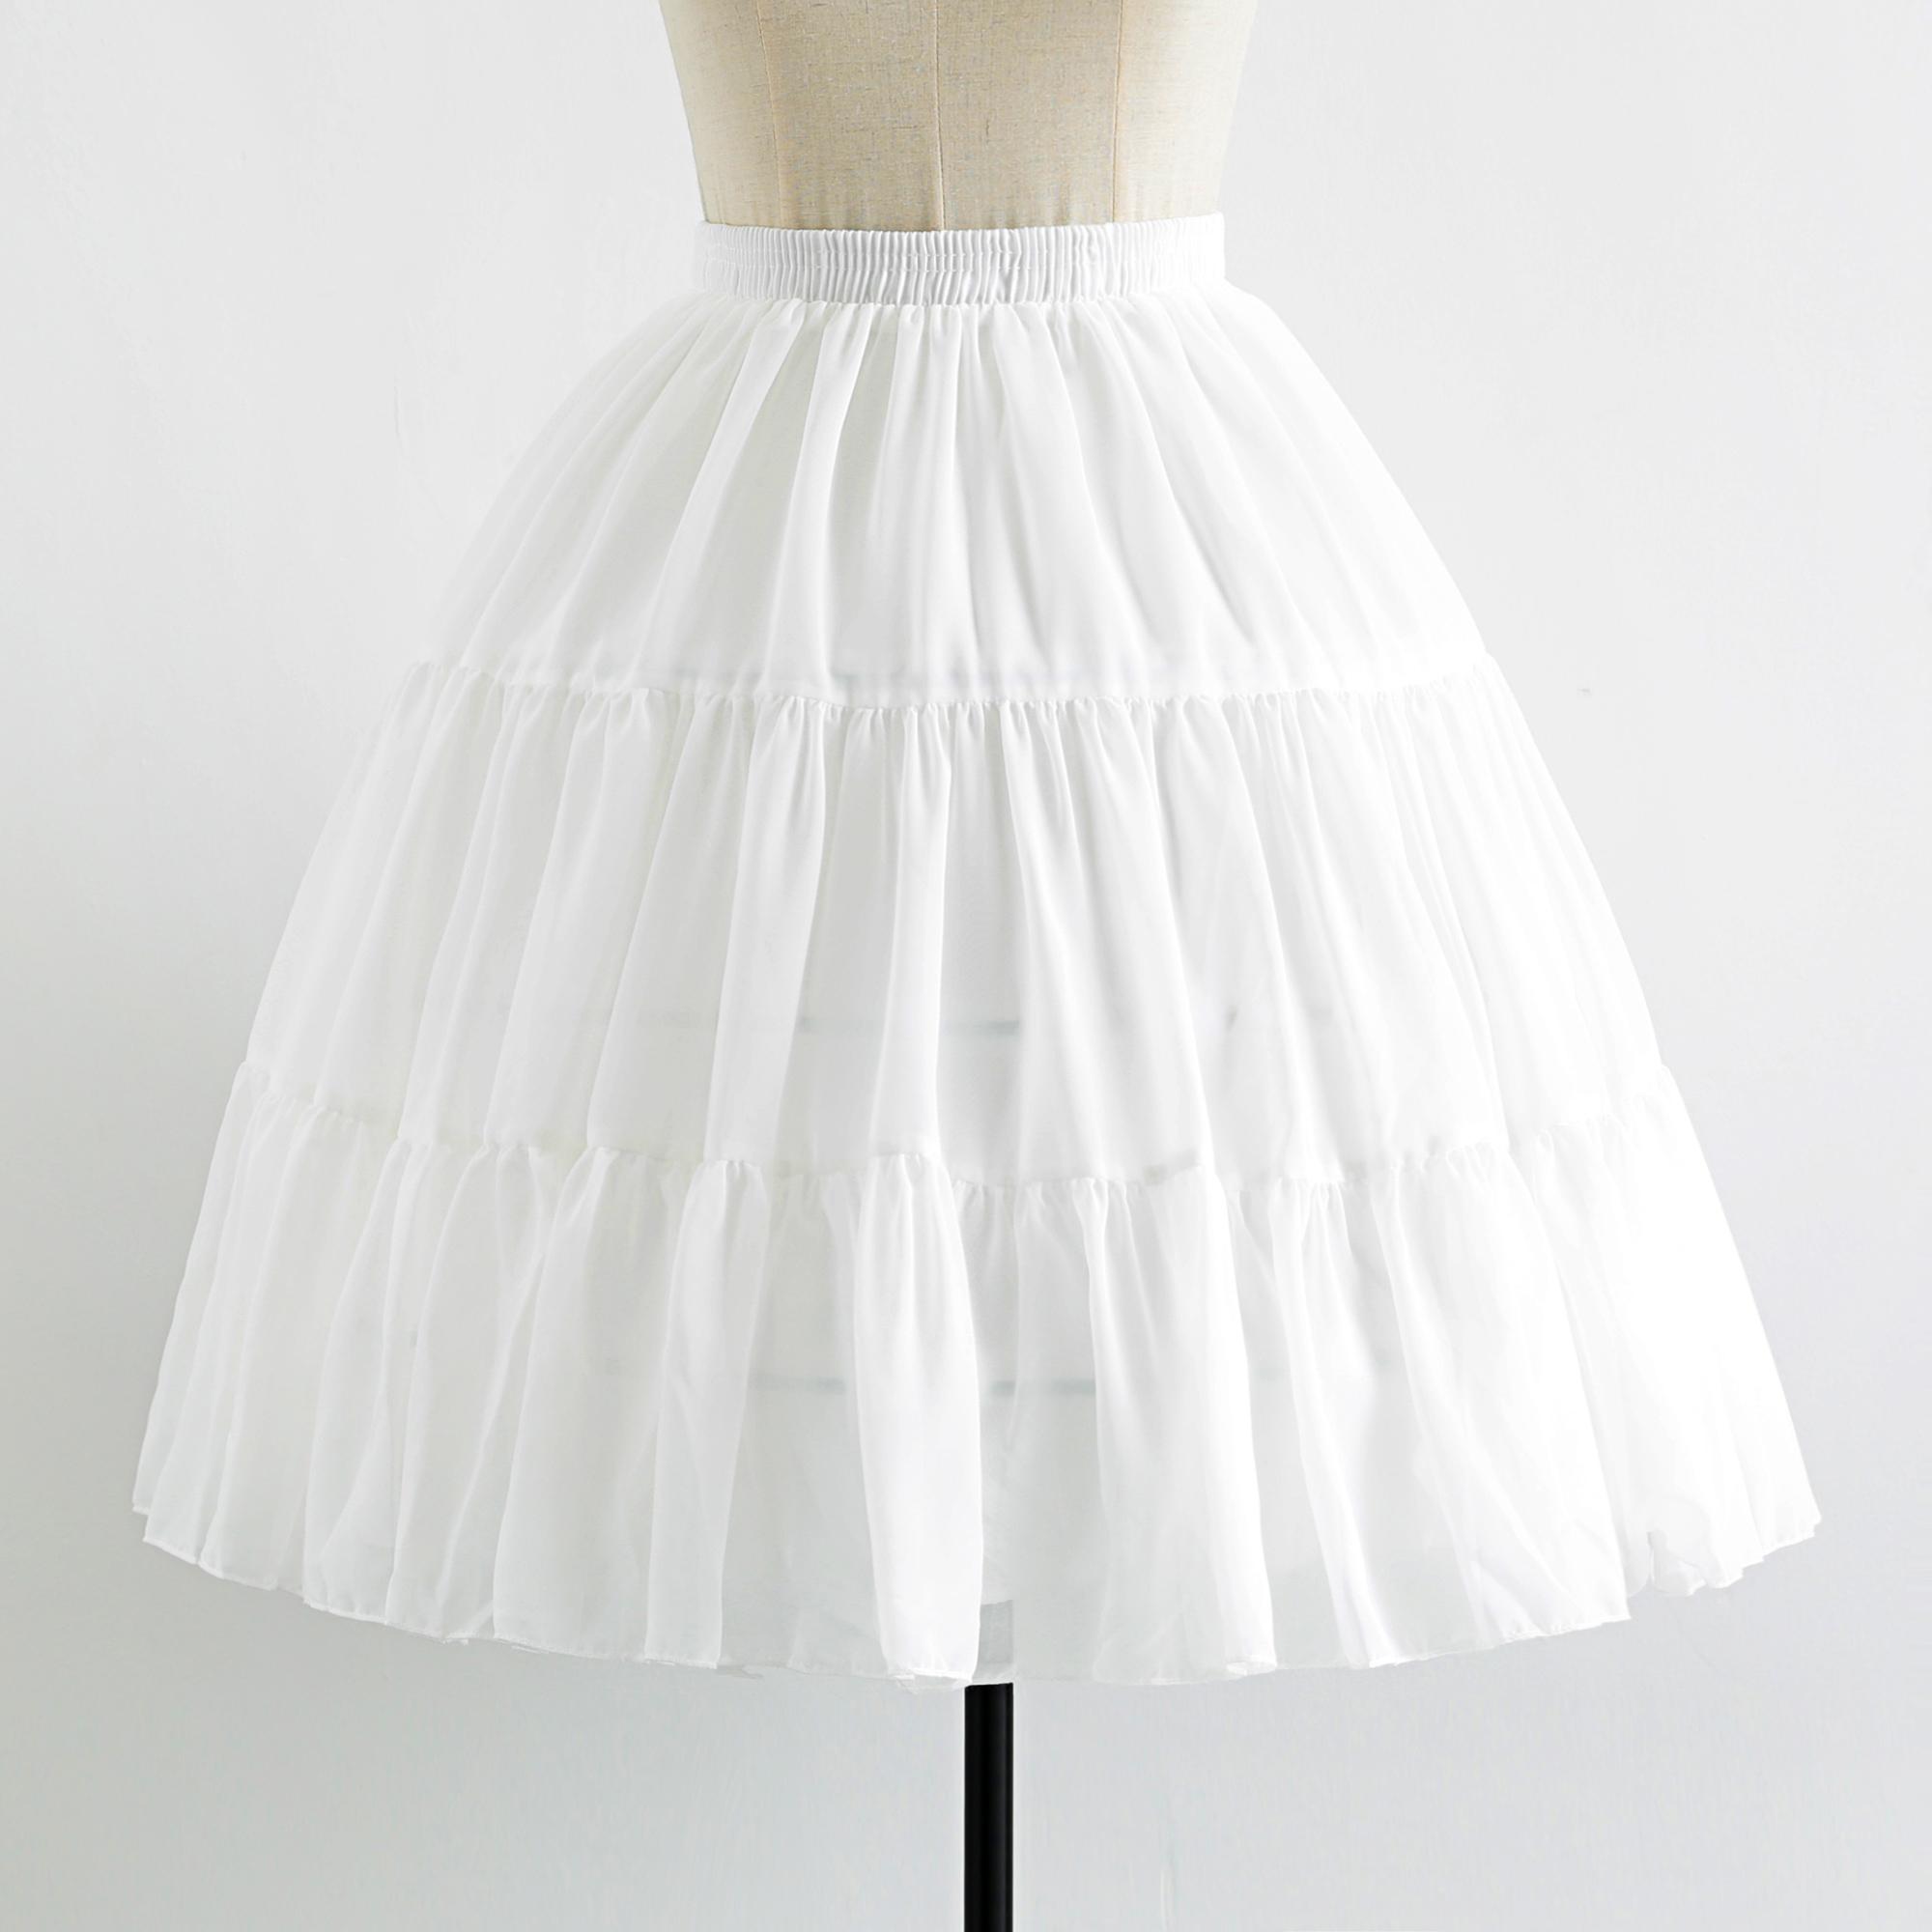 【大勢の上の人】魚の骨のスカートを支えてLolita柔らかい妹のウェディングドレスのアクセサリーに出演してコスプレをします。